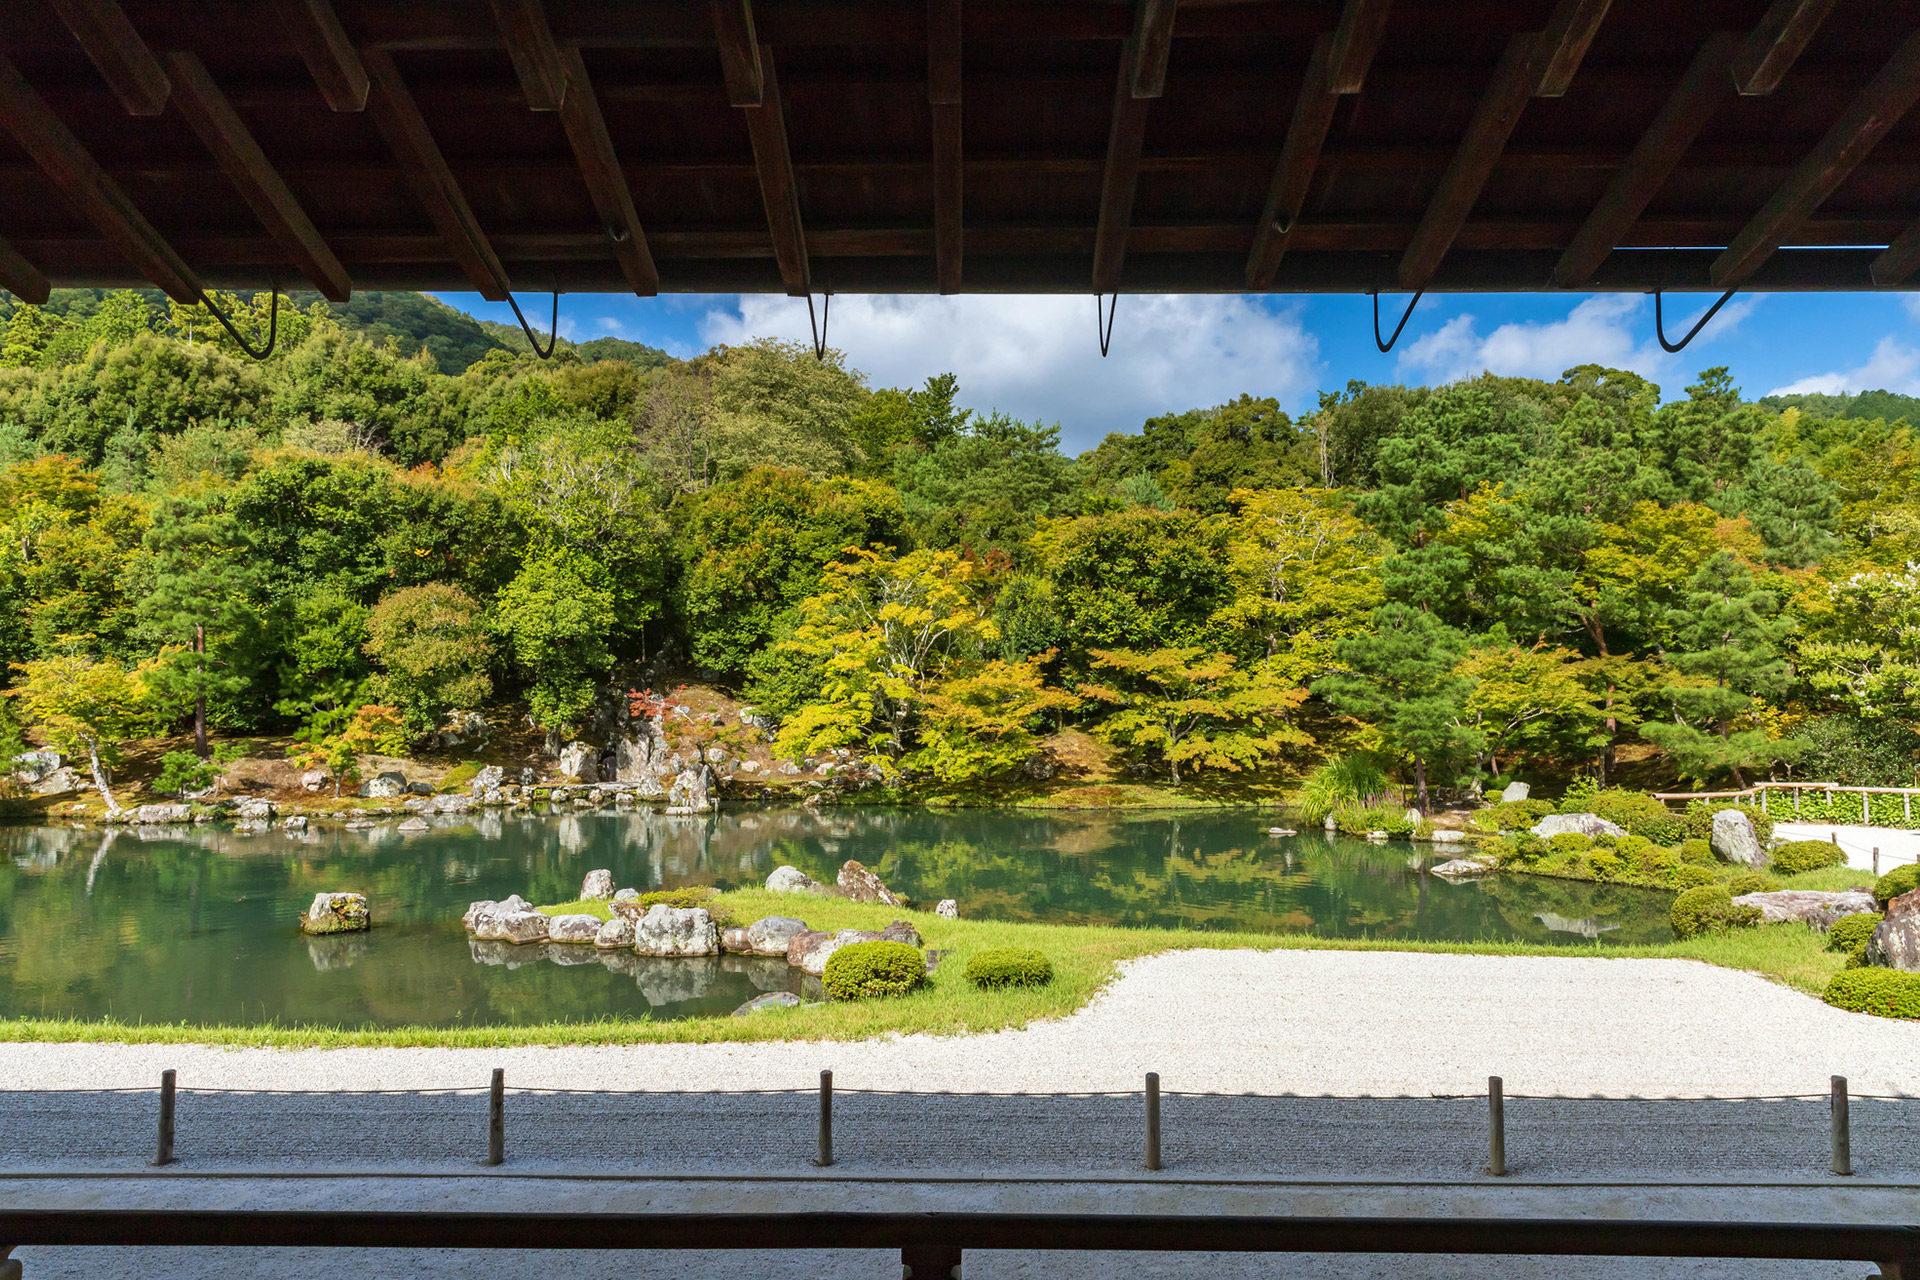 介紹只有京都夏天才能體驗到的據有特別魅力的京都避暑勝地!